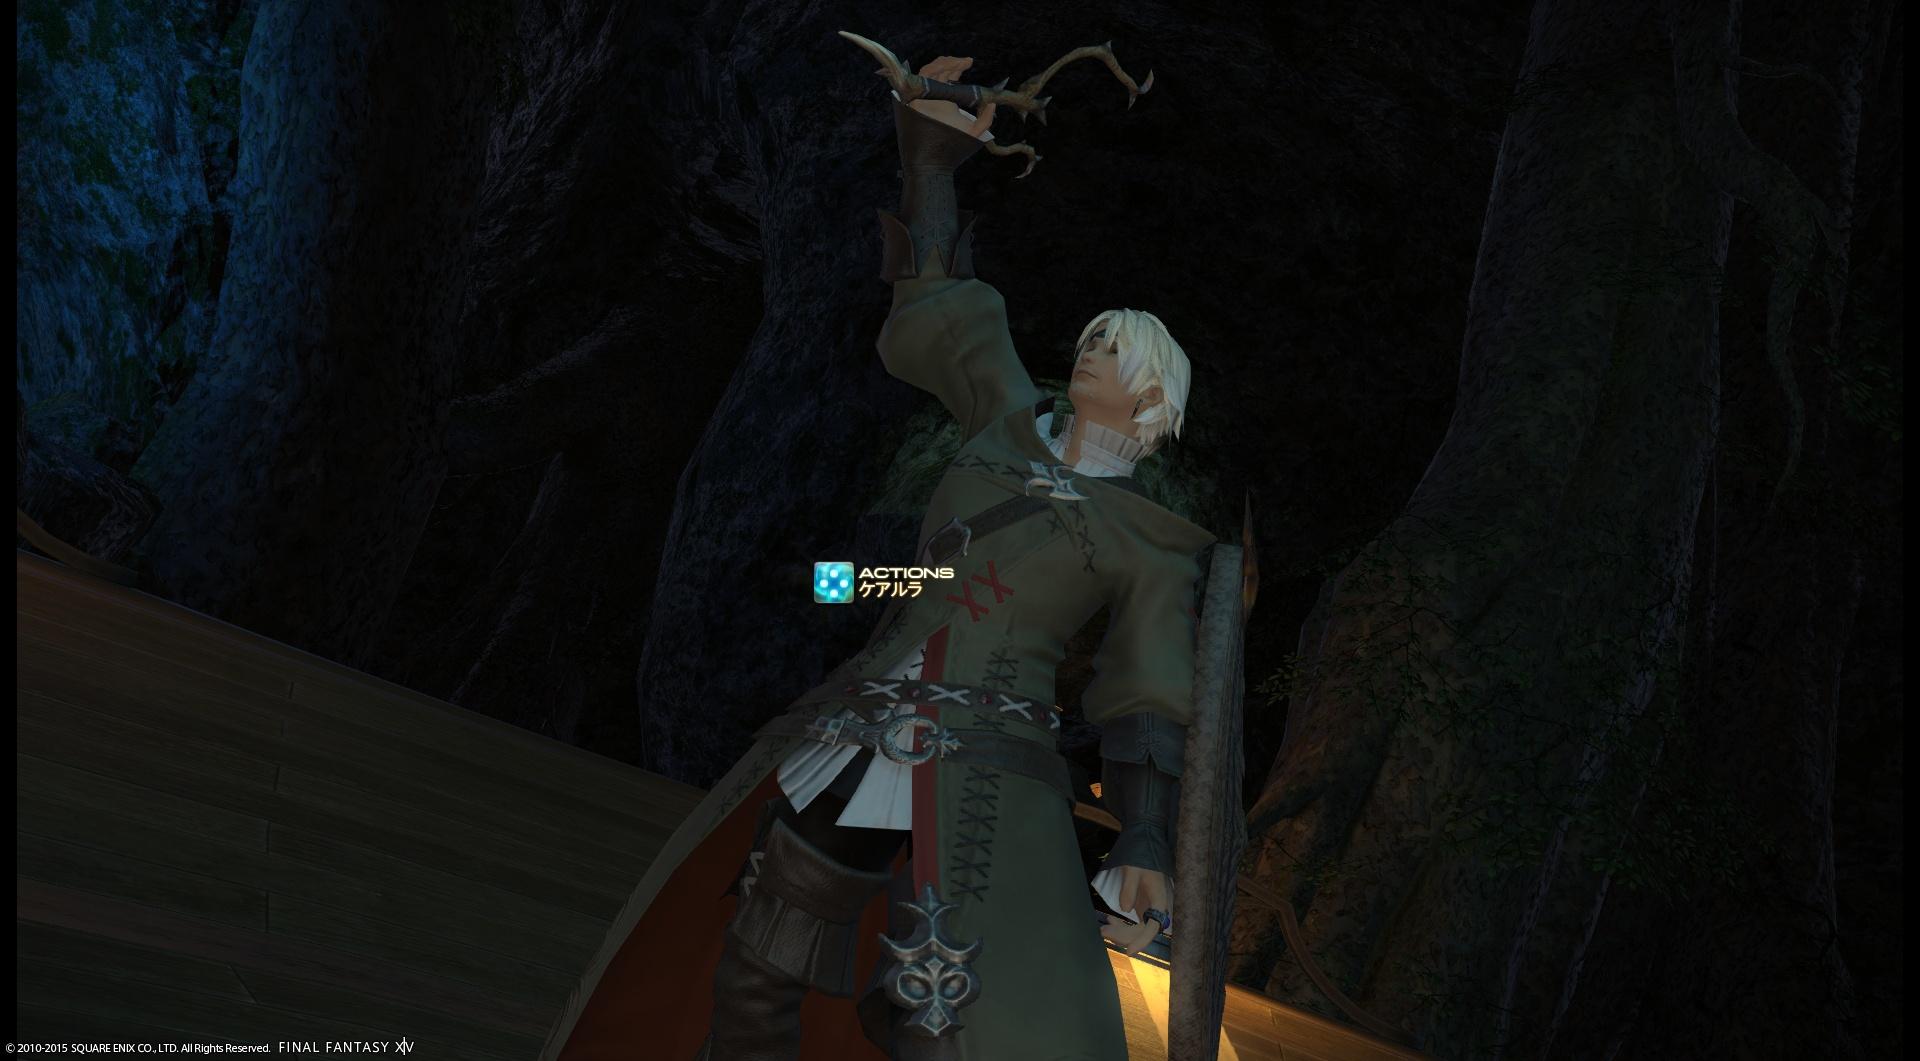 エ・スミ・ヤン : 私からの最後の教えとして、 幻術士ギルドに伝わる技「ケアルラ」を授けます。